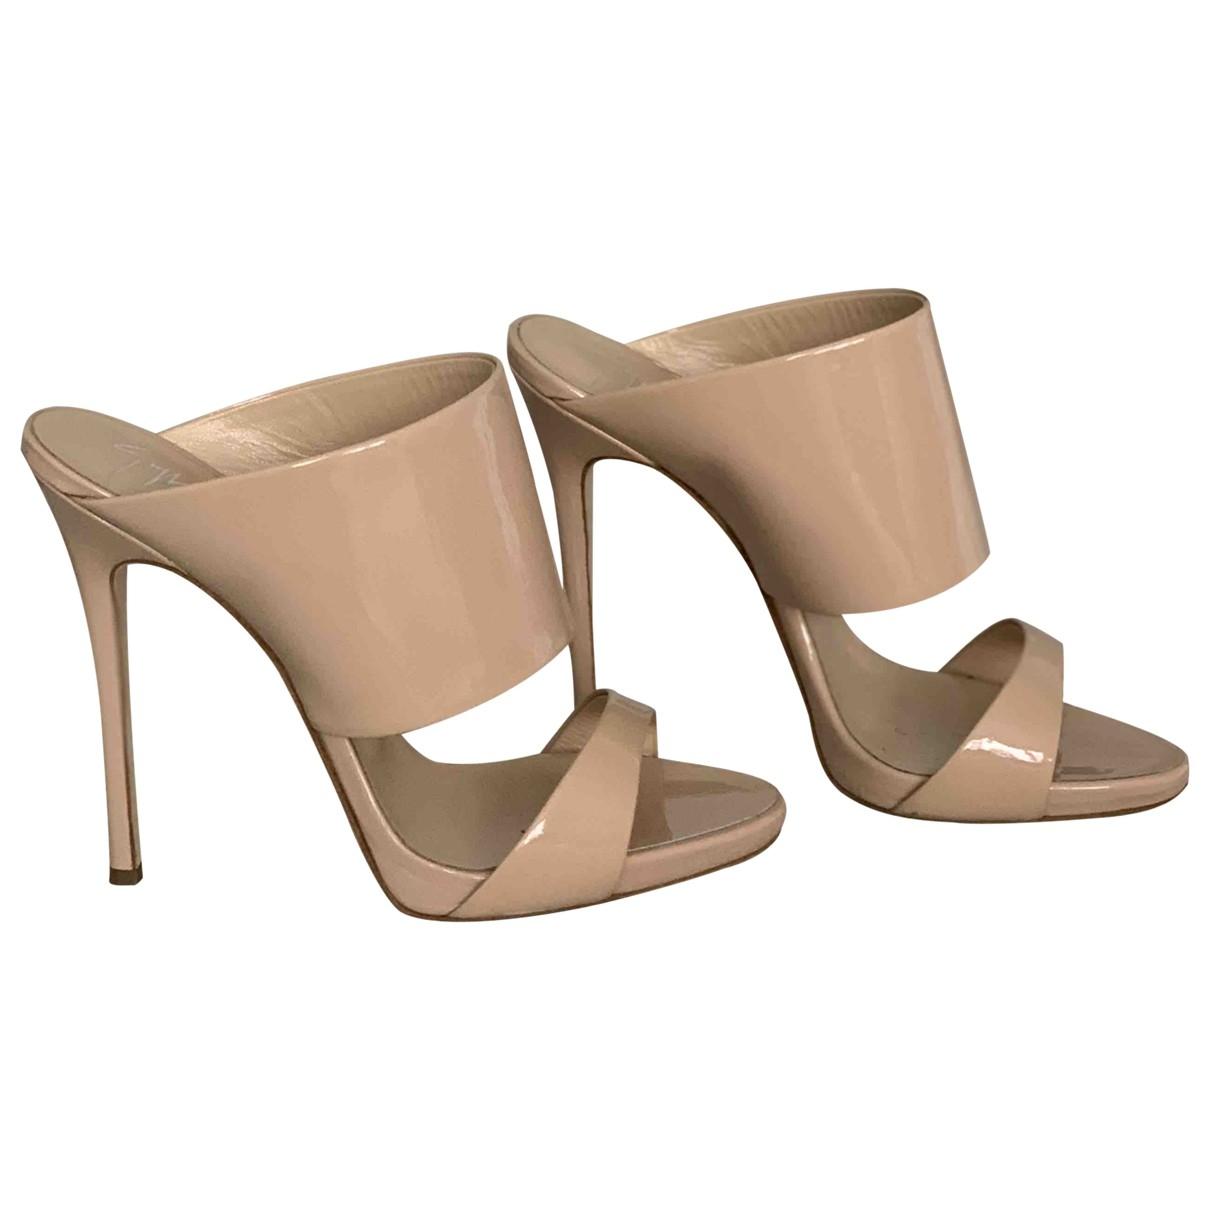 Giuseppe Zanotti \N Beige Patent leather Heels for Women 37 EU